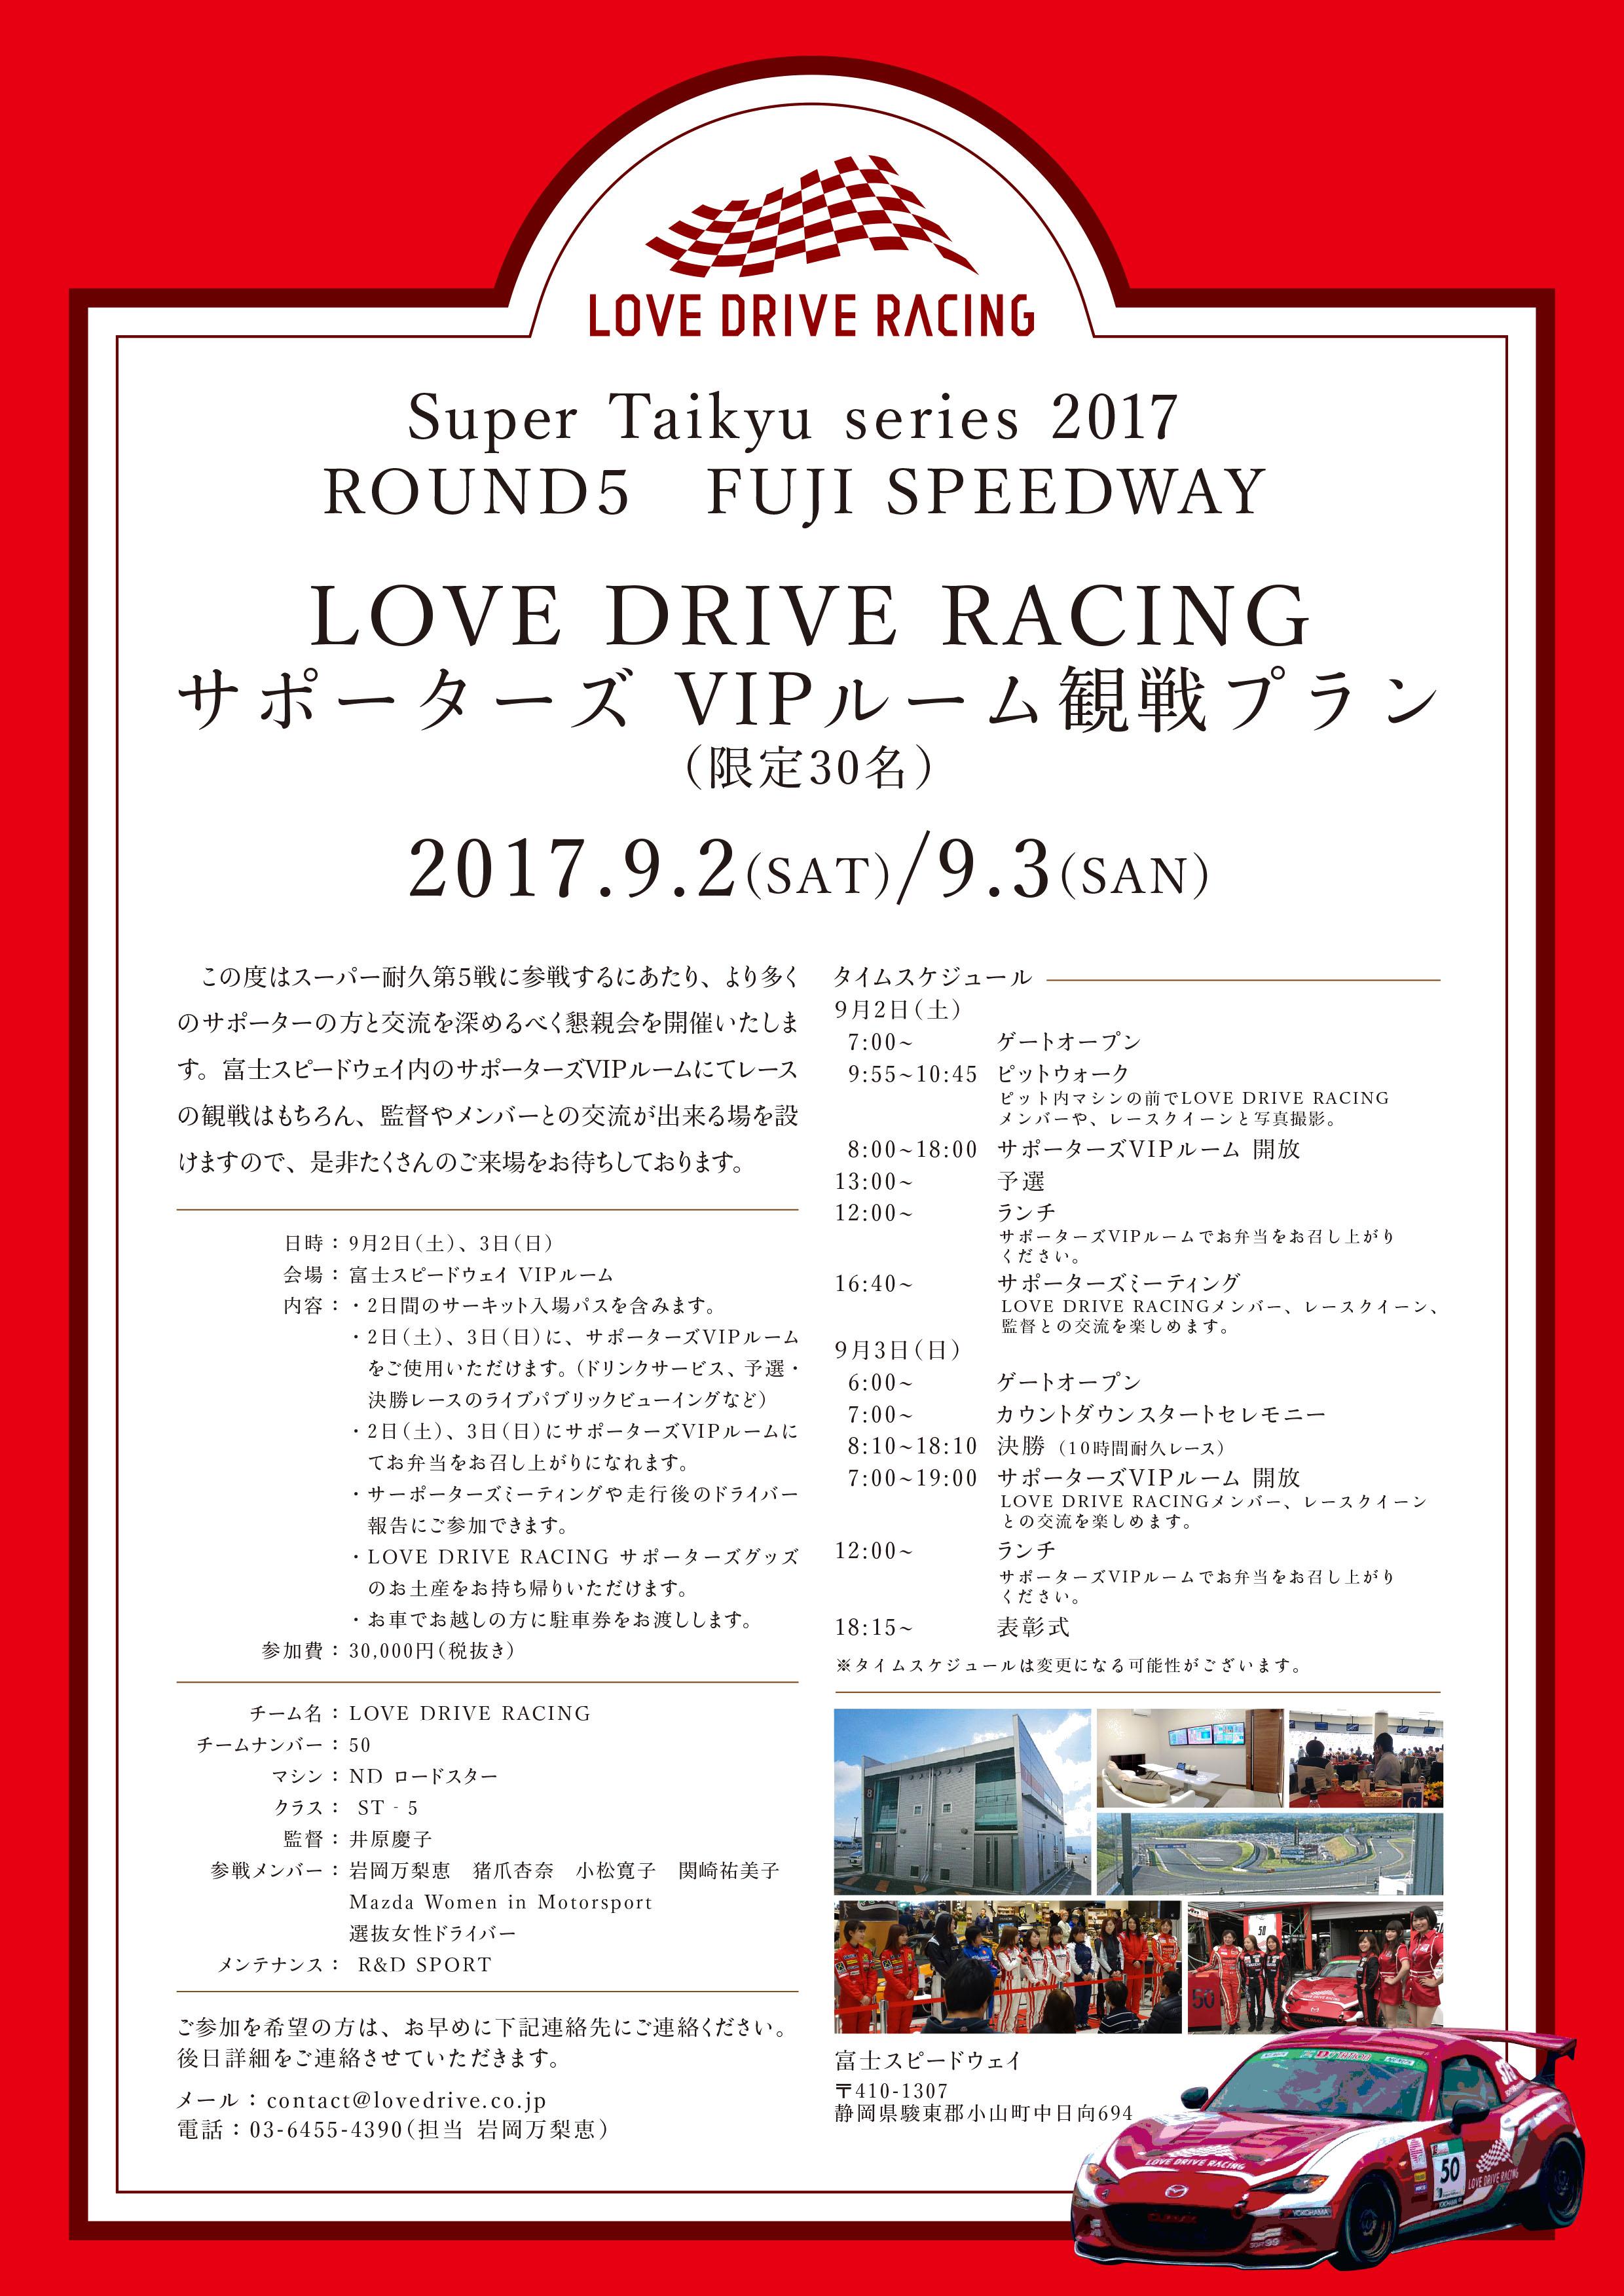 LOVE DRIVE RACING サポーターズVIPルーム観戦プラン